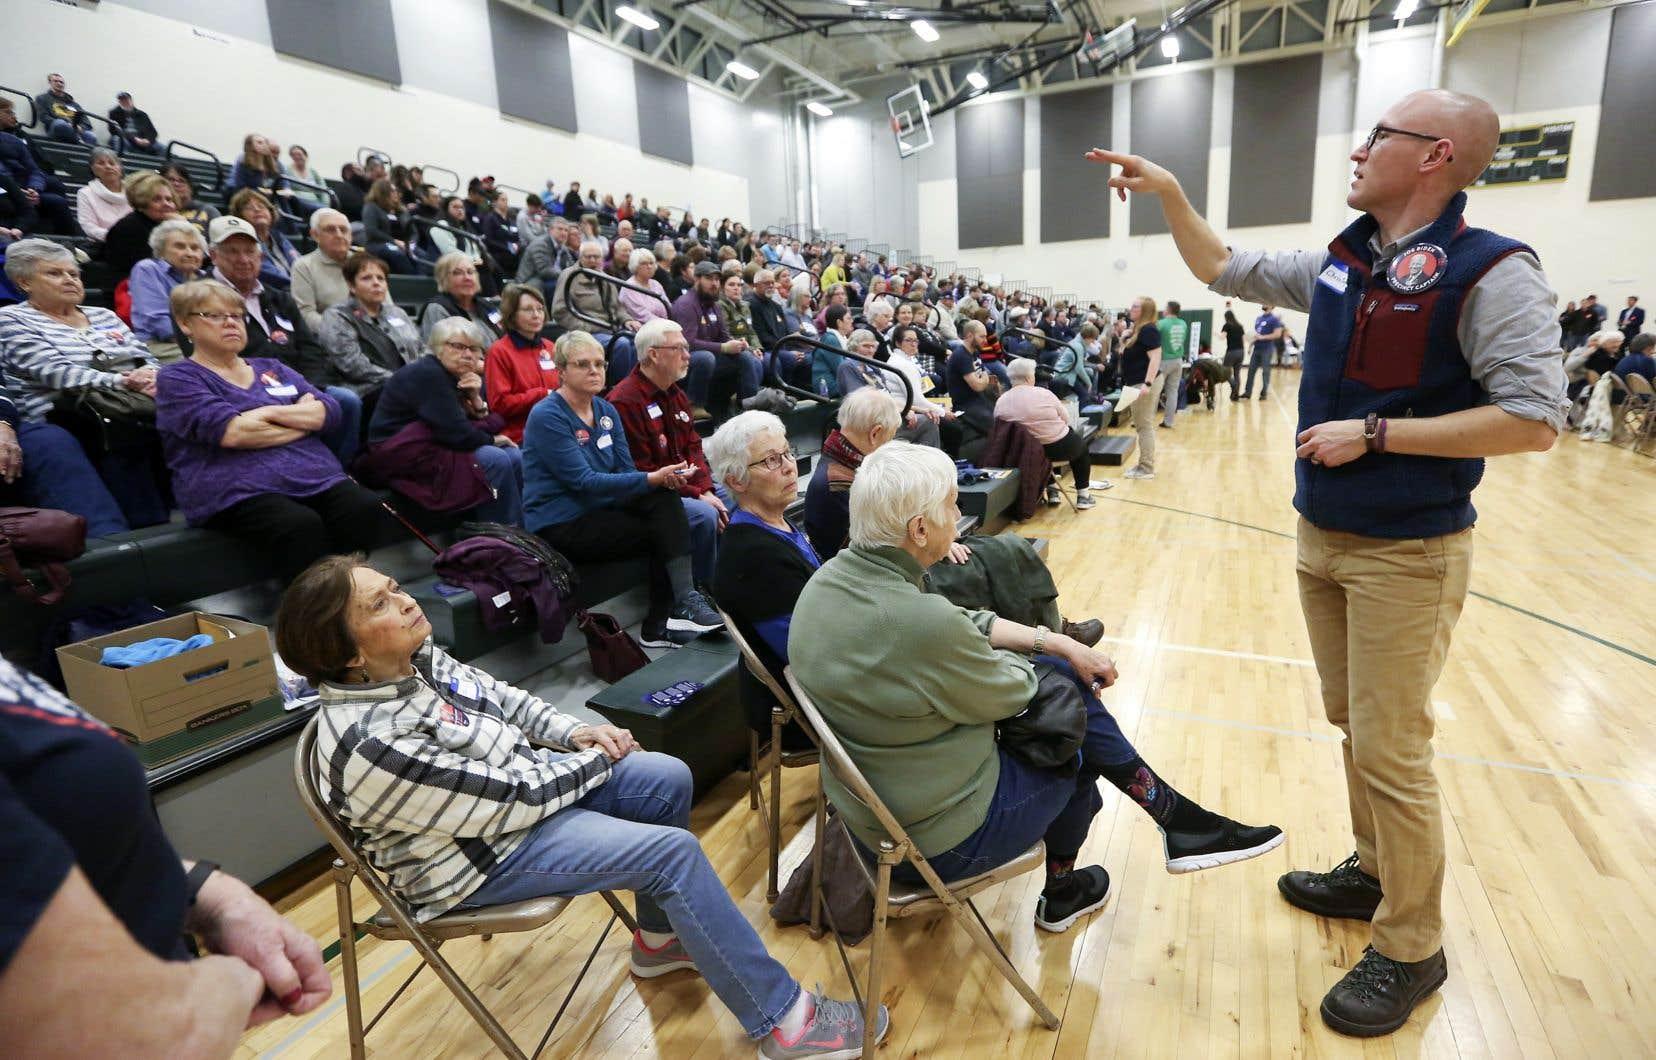 <p>Le caucus de l'Iowa est un moment attendu qui donne le coup d'envoi de la campagne électorale américaine, tout en traçant la trajectoire des candidats de l'opposition qui aspirent au siège du bureau ovale.</p>